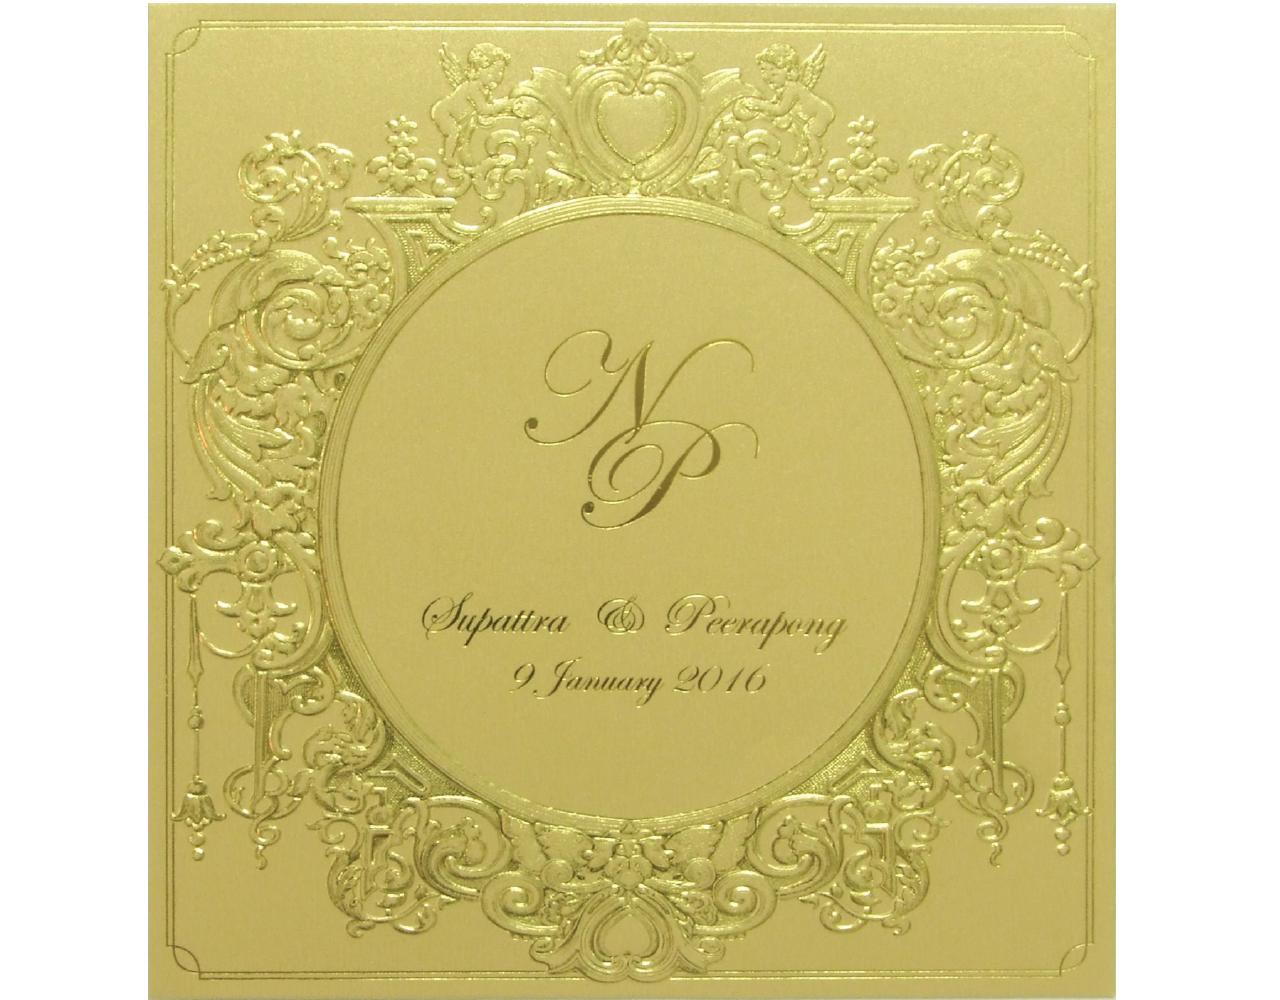 การ์ดแต่งงาน การ์ดเชิญ กระดาษมุกทอง พิมพ์ทอง ปั๊มนูน การ์ดพร้อมซอง Wedding 16.2 x 16.5 cm SP 5812 Gold